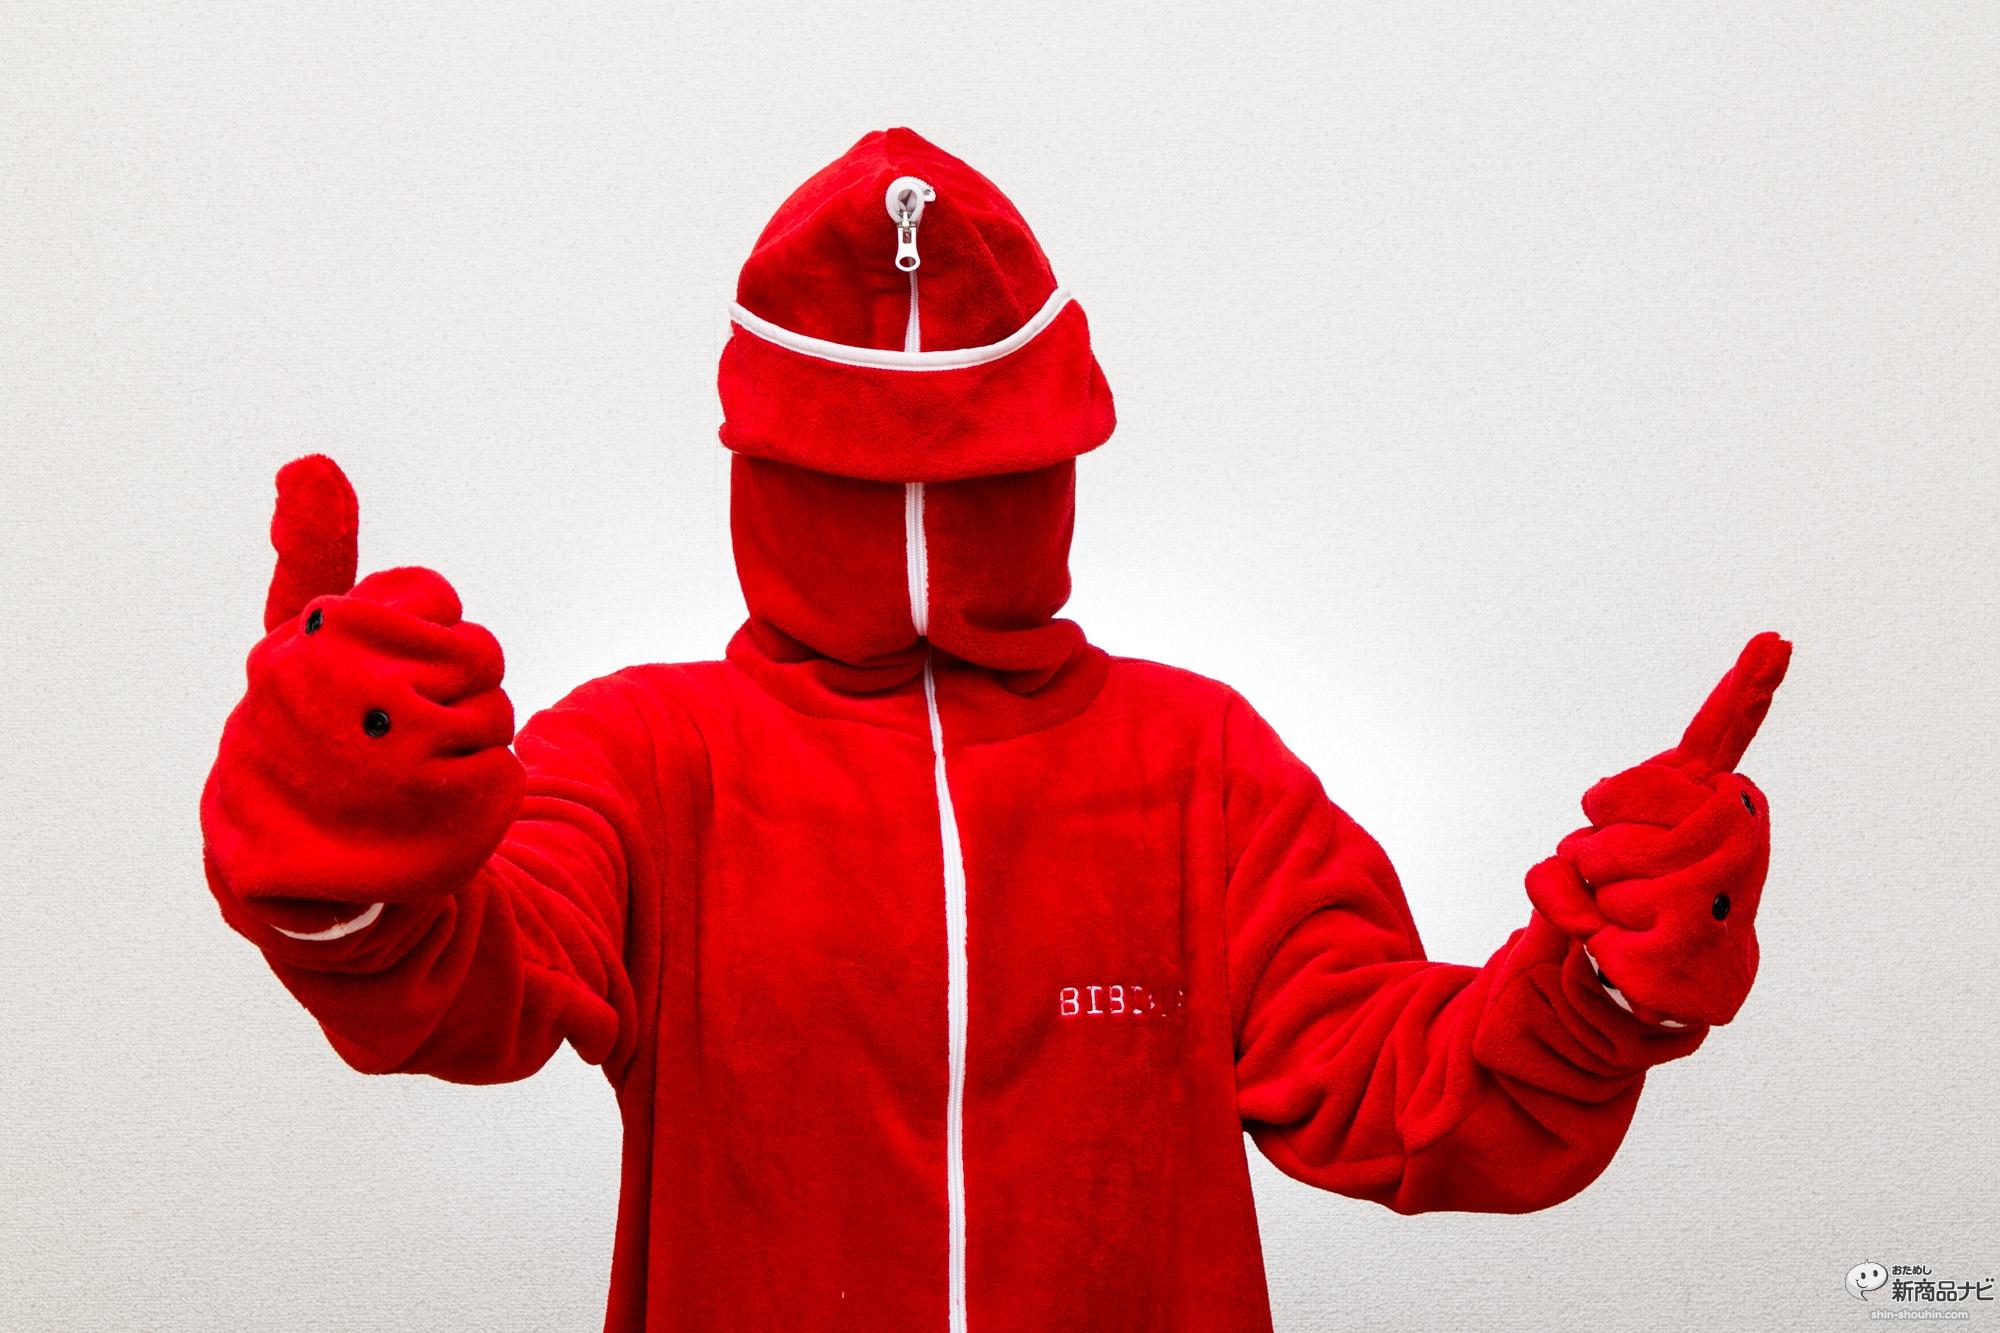 全身を包み込まれる幸せ…『人型寝袋フリース』は極寒対策と暖房費削減に大いに役立つネオ廃人製造機だ!